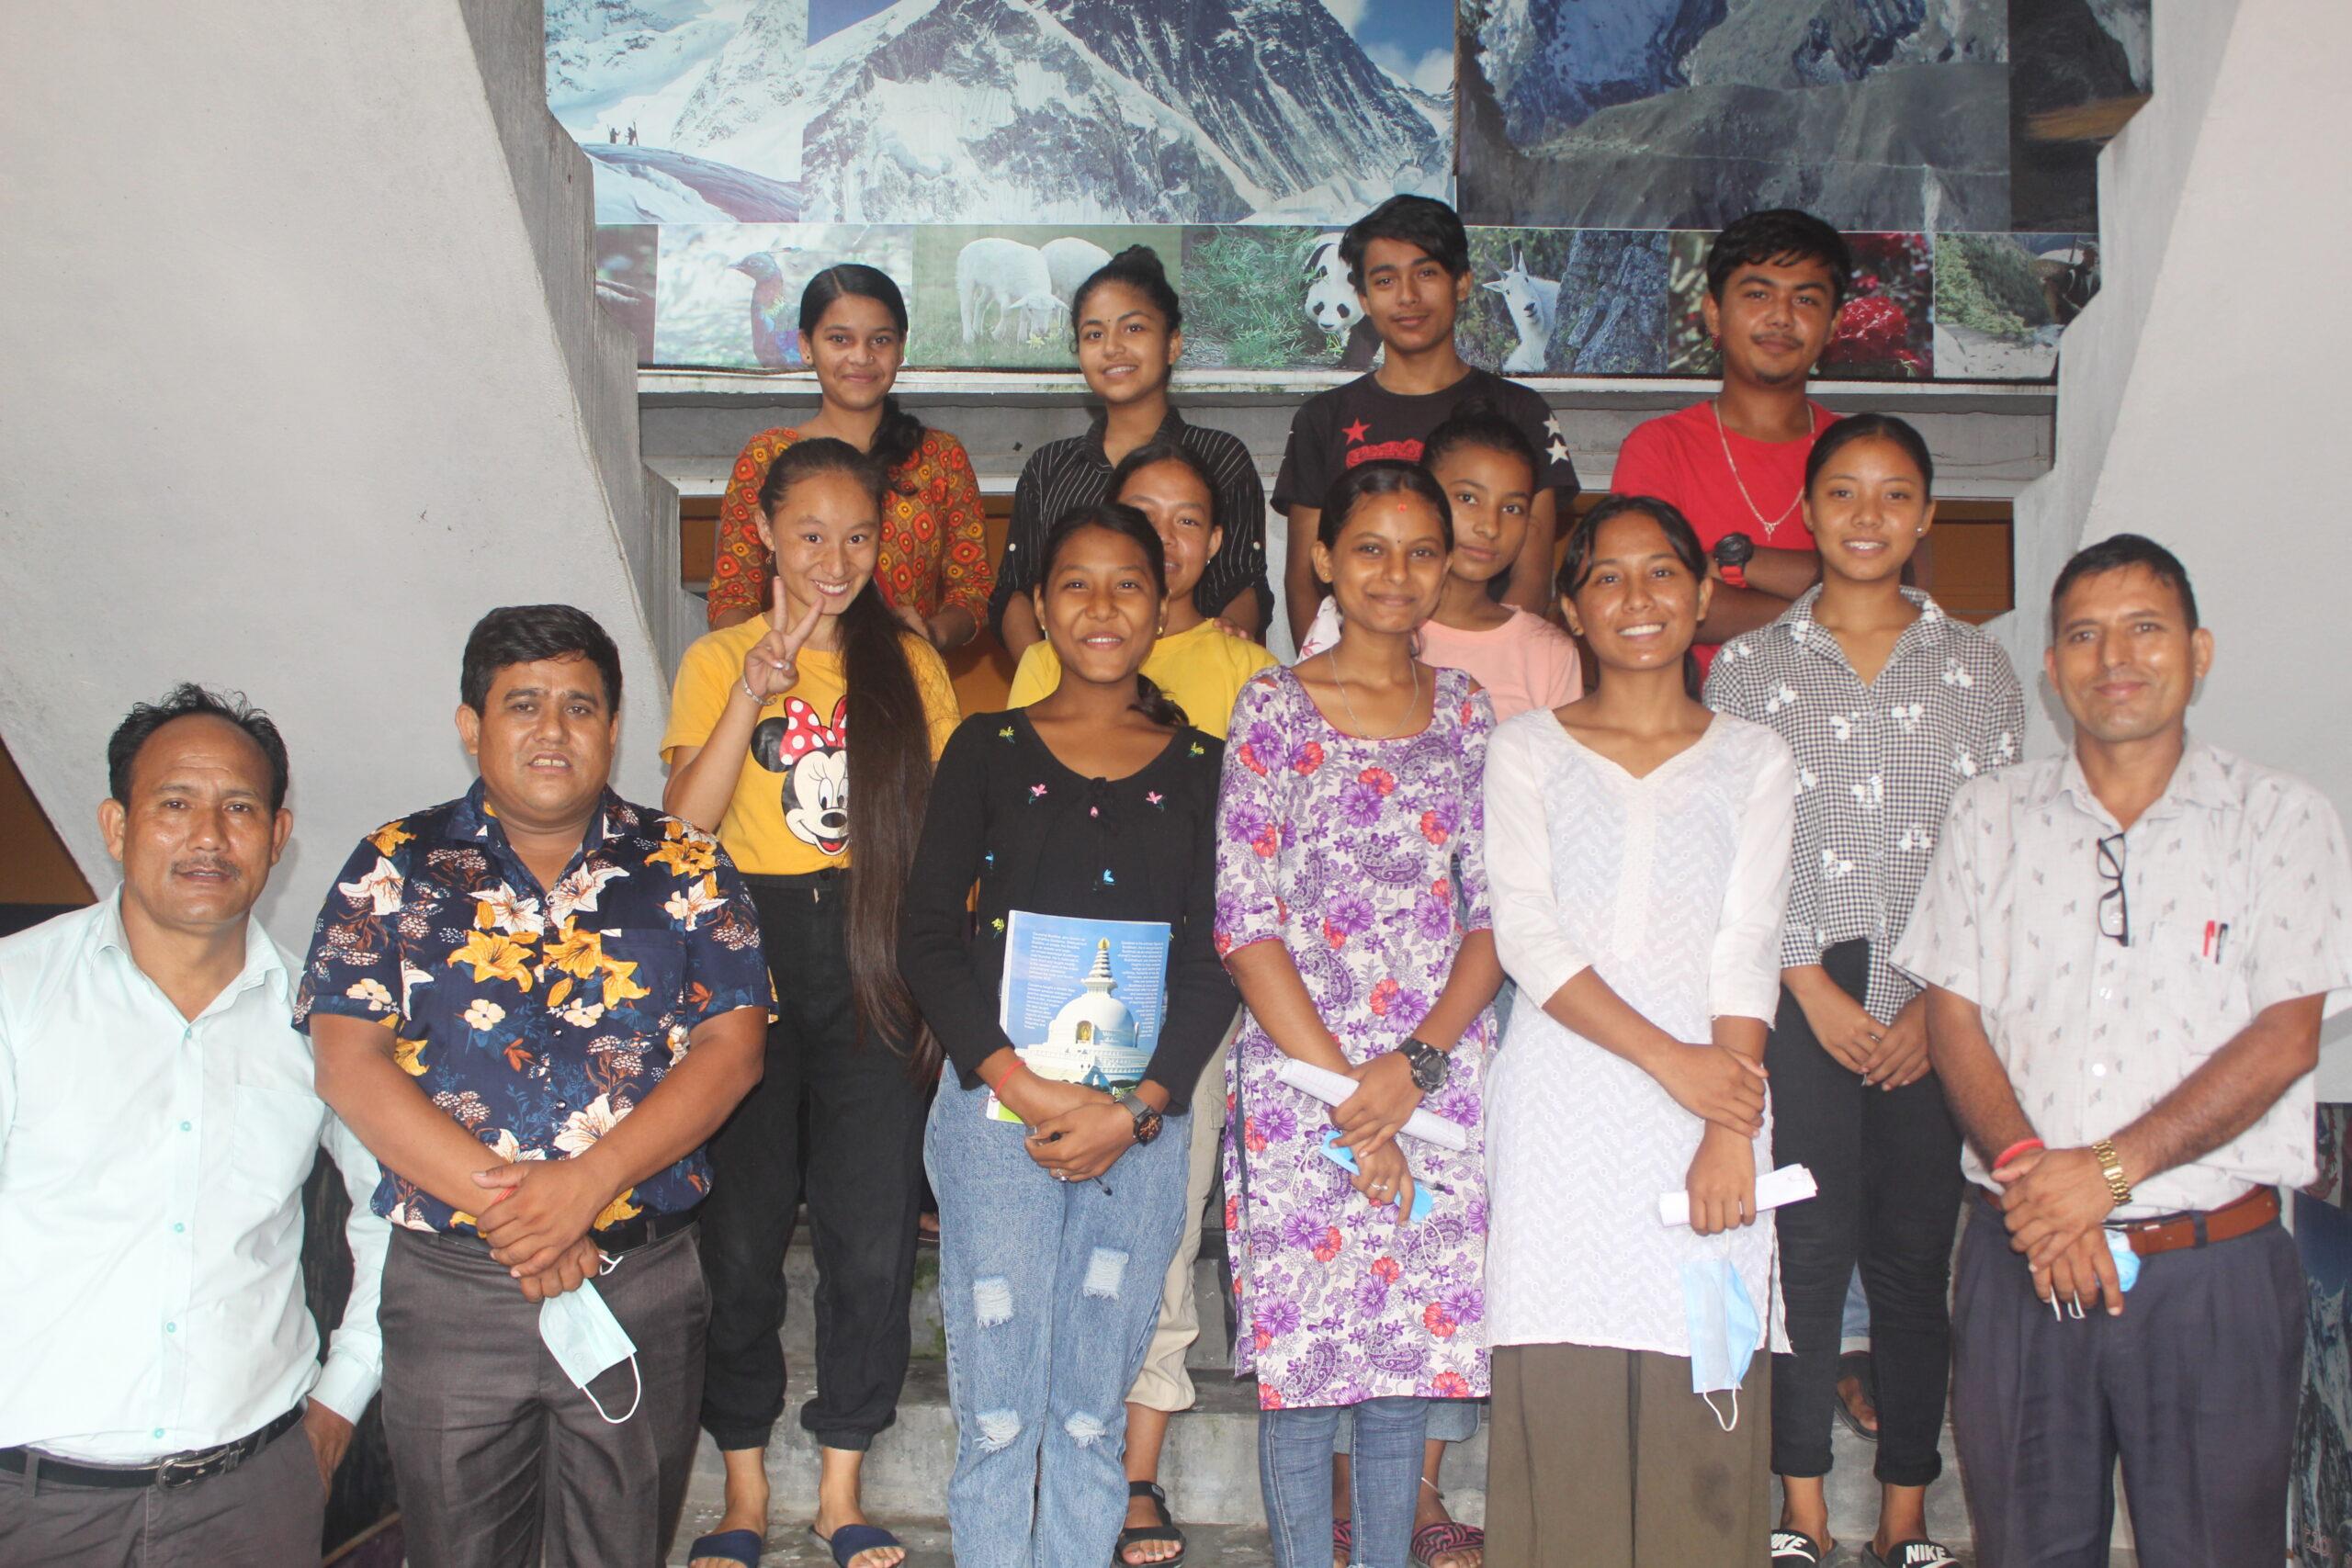 शिक्षा सन्देशमा पुवोत्तर मोरङमै पहिलोपटक कानुन बिषयको पढाई (तस्विरहरु सहित)